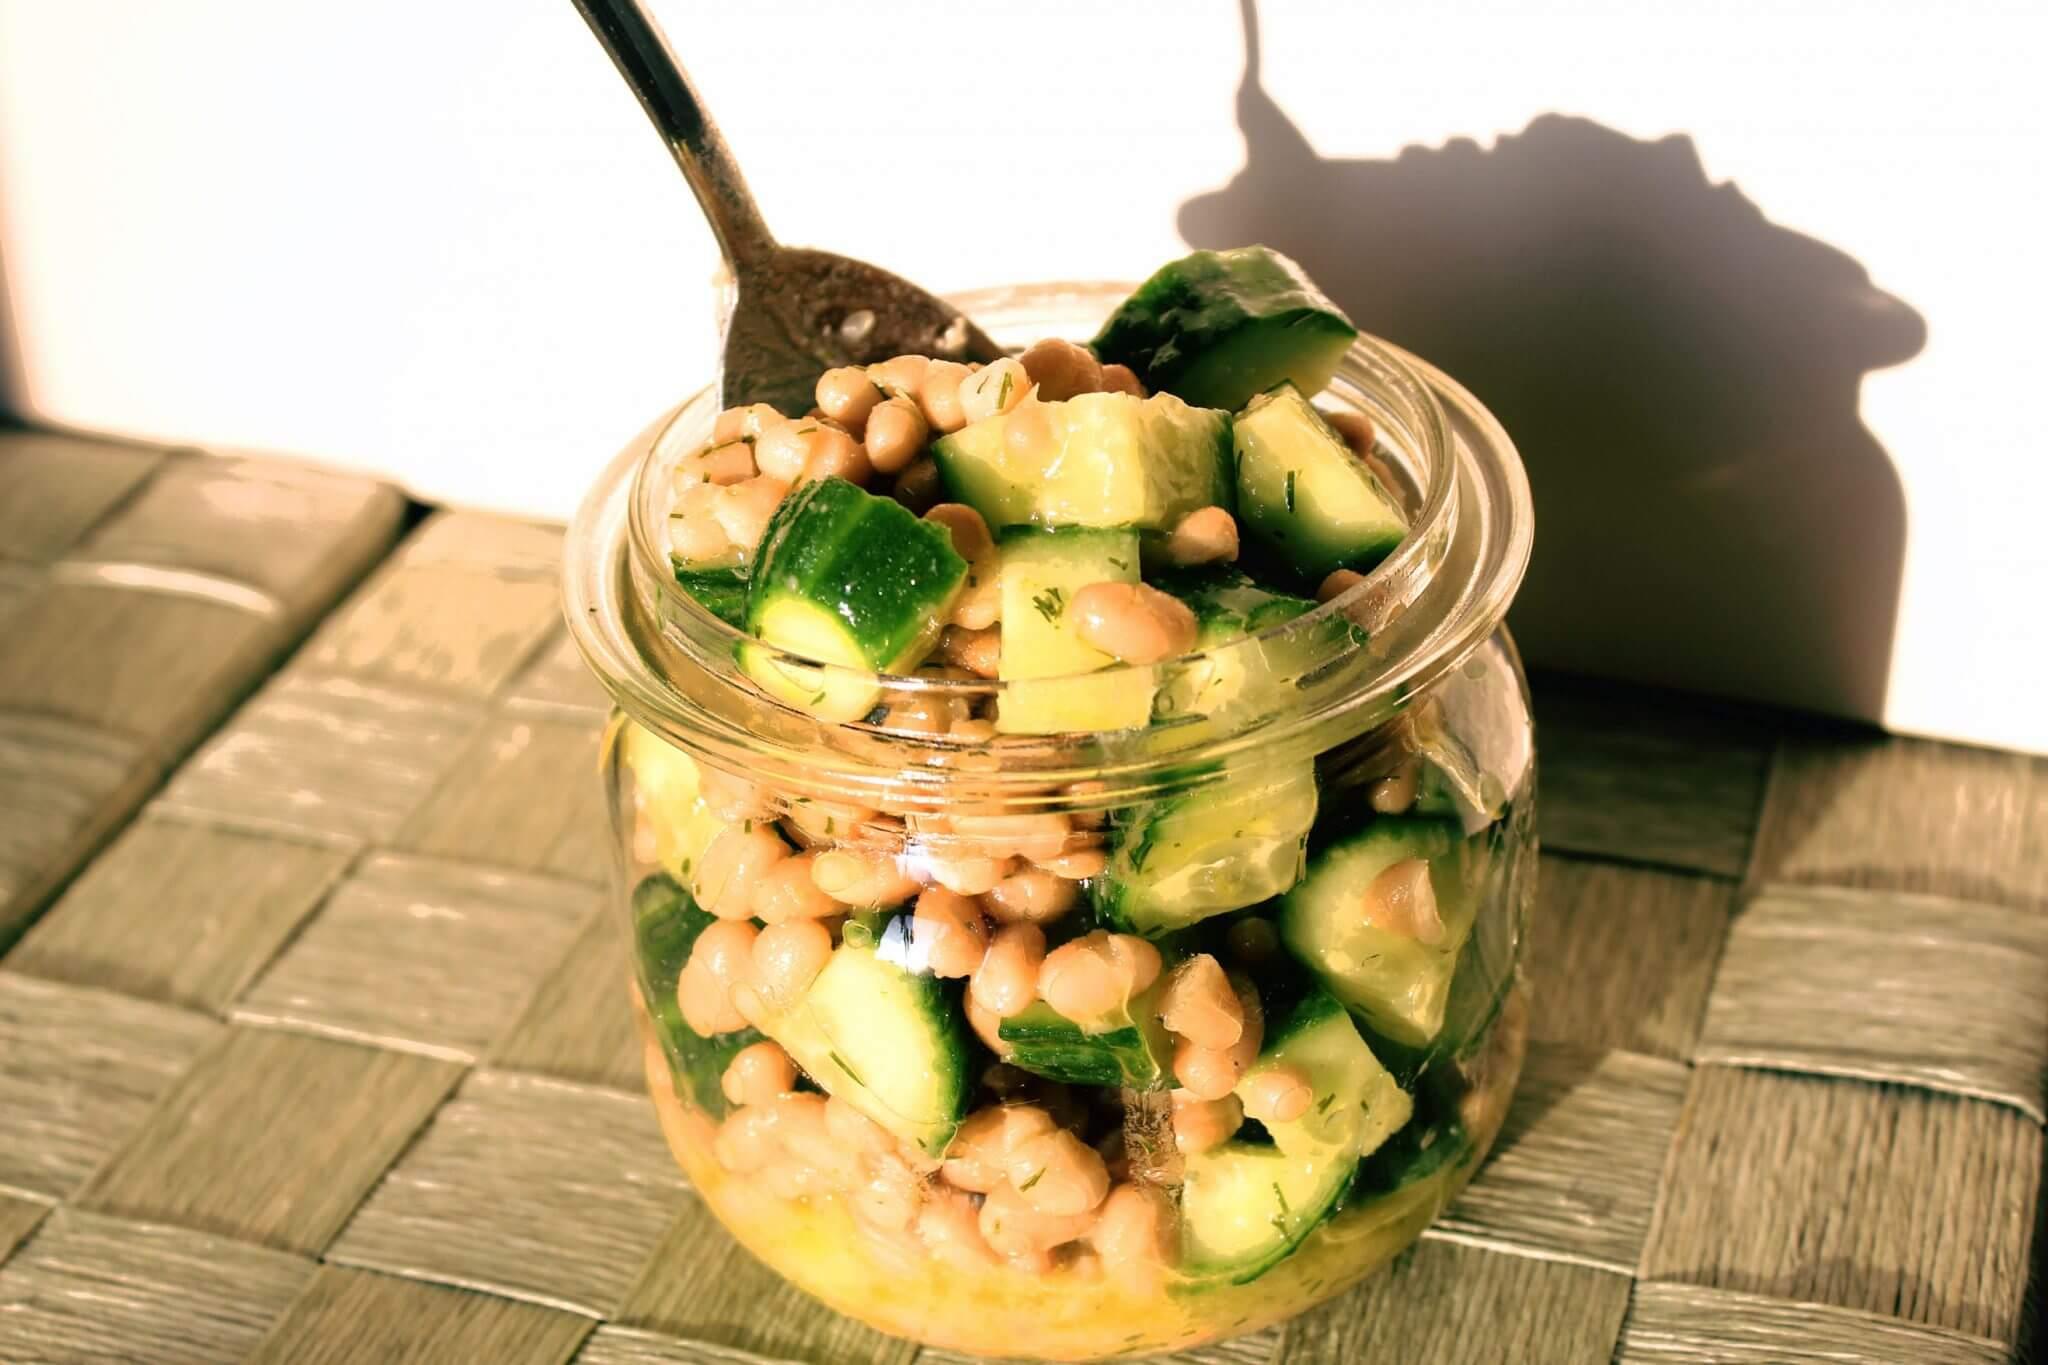 salade van komkommer en boon met dilledressing in bokaal.jpg